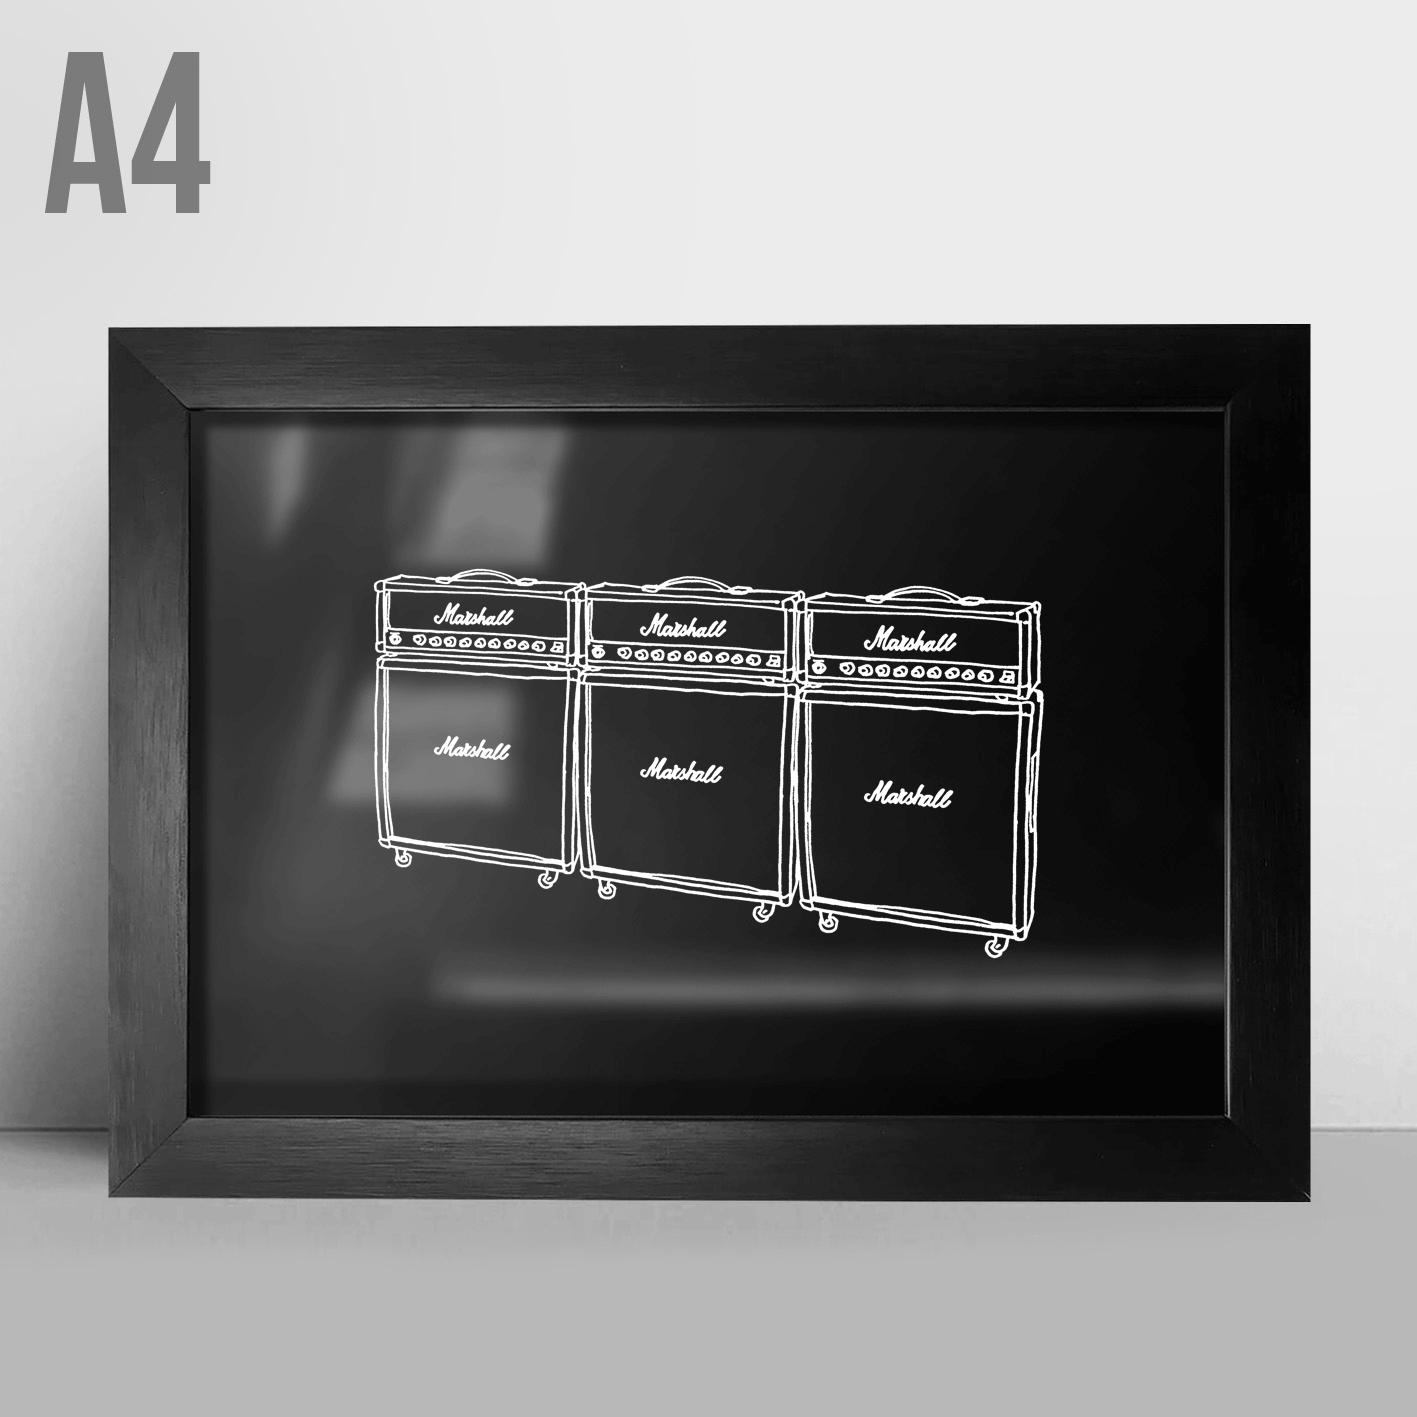 Quadro A4 - Amplificadores